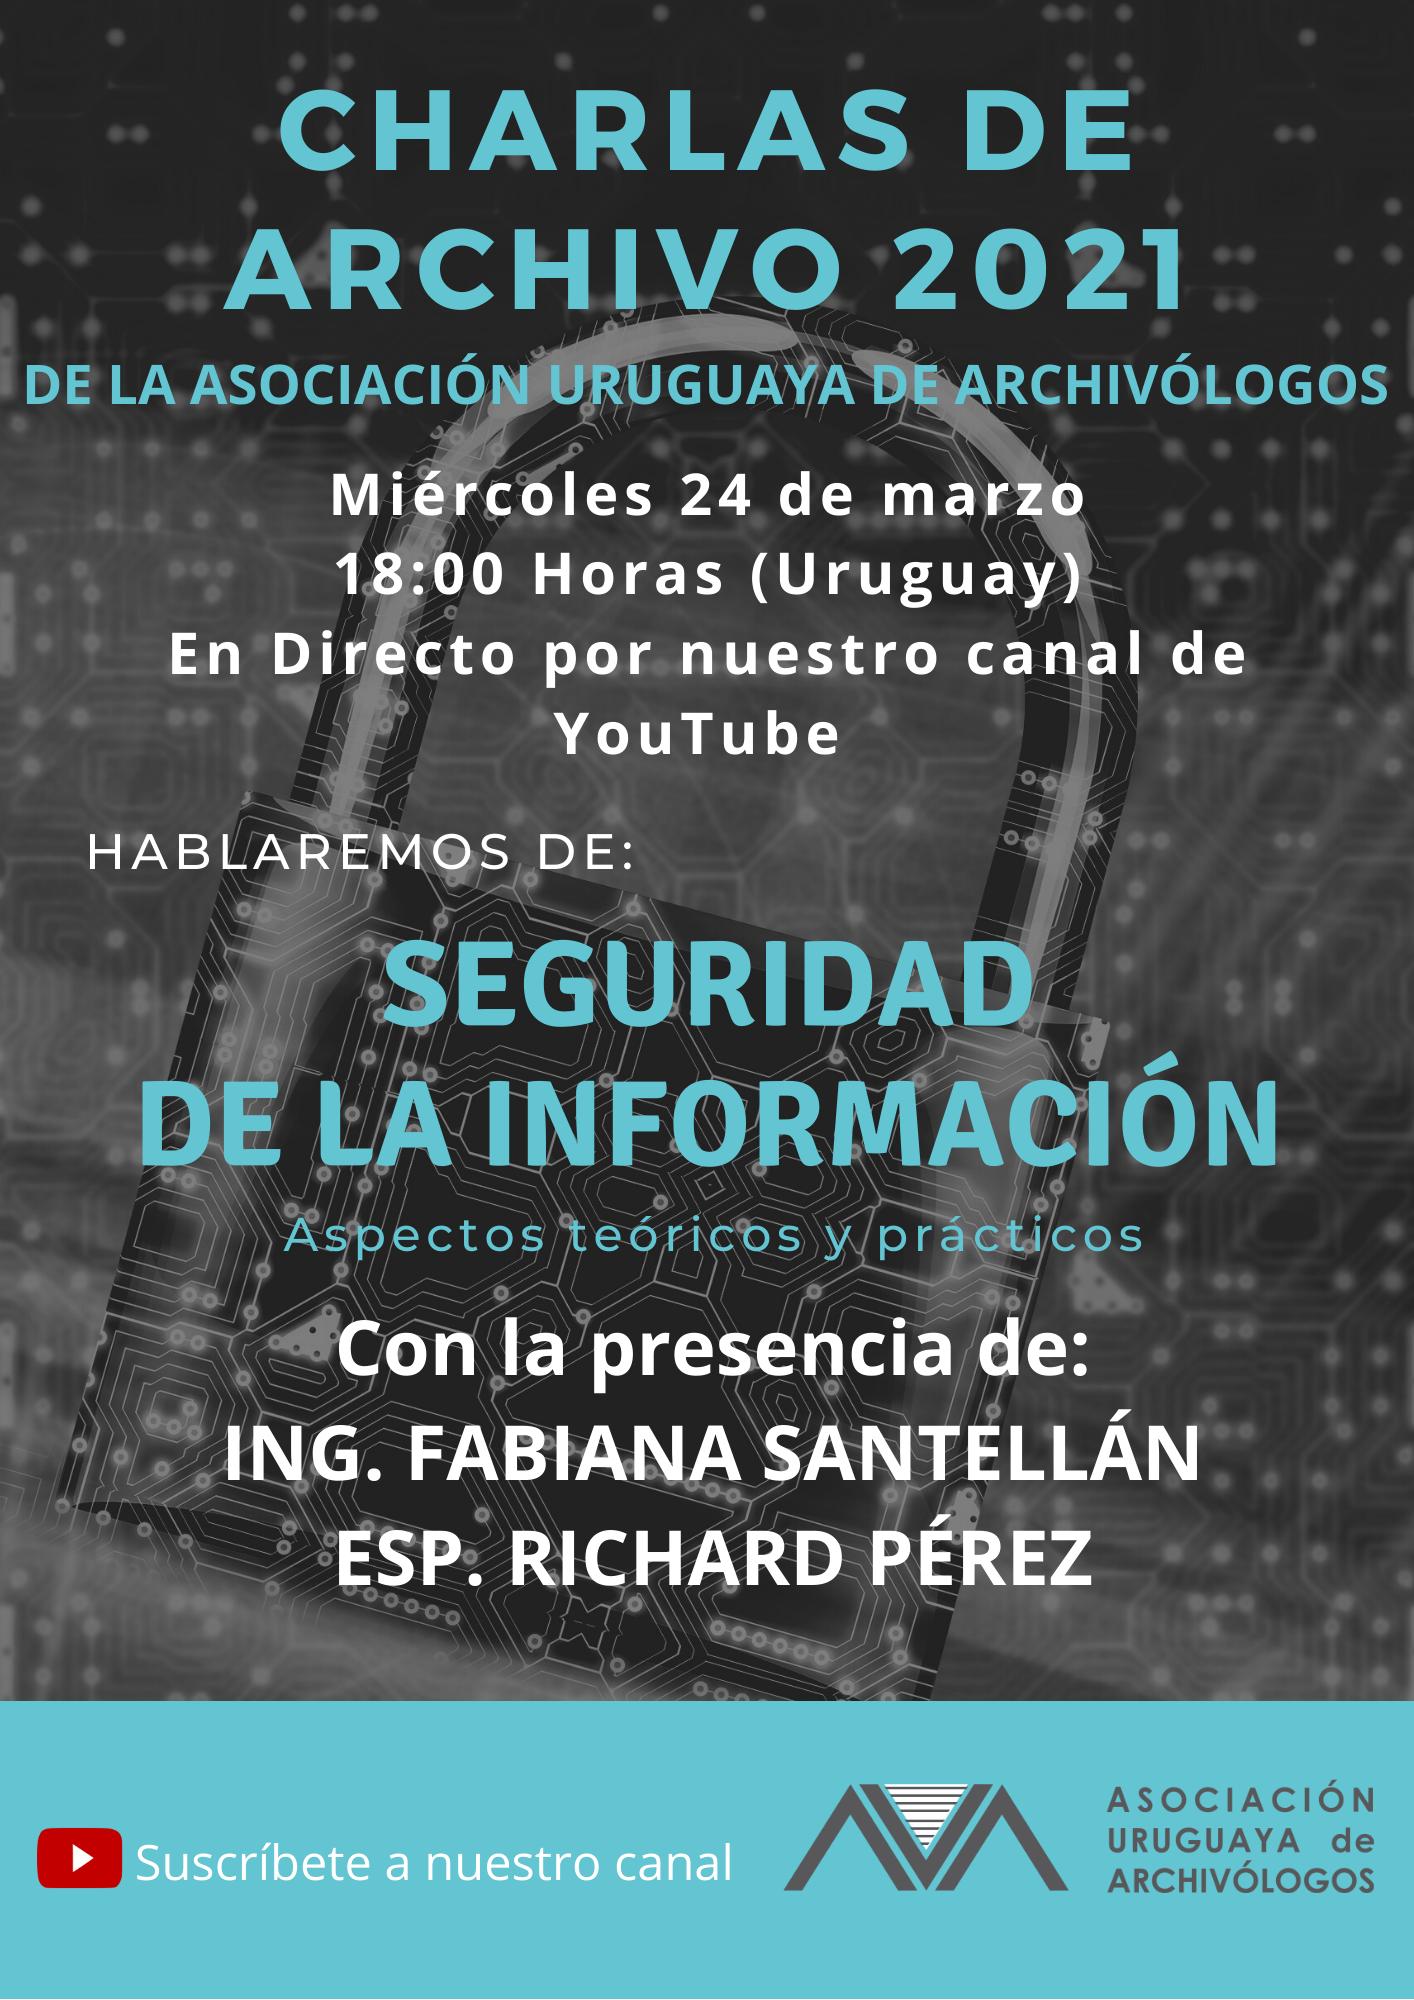 Charlas de Archivo - Seguridad de la Información